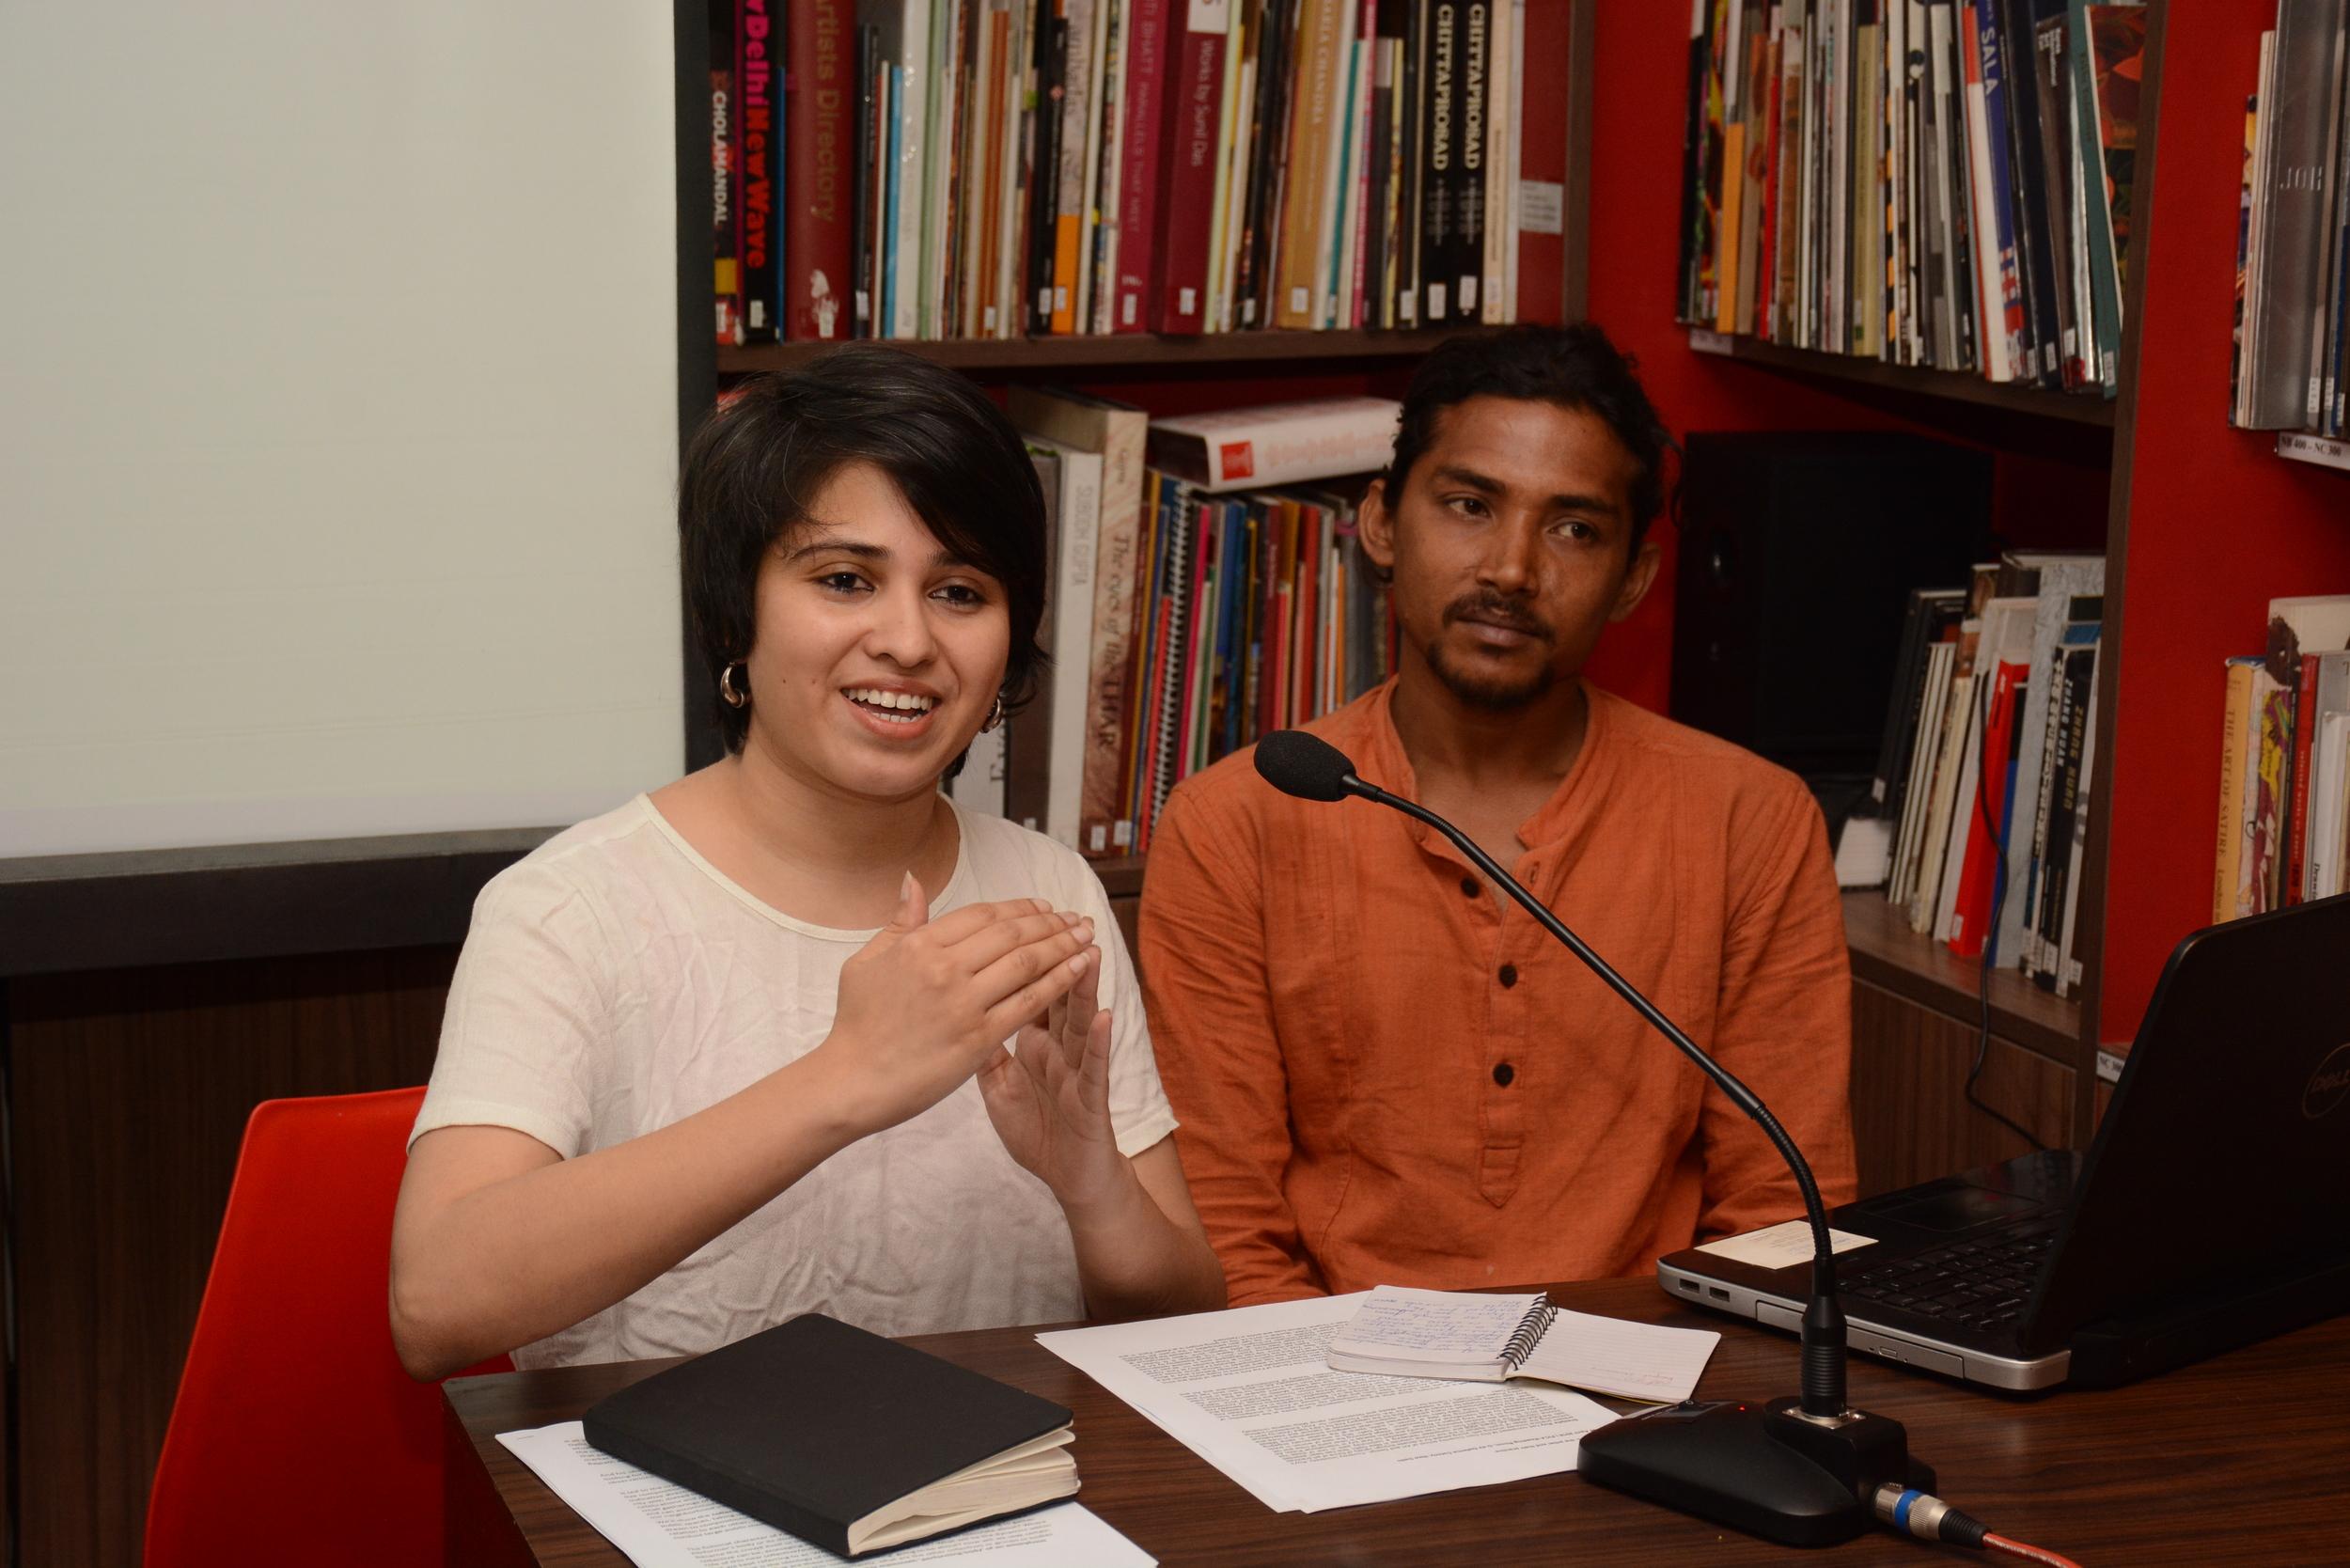 Akansha Rastogi and Sujith Mallick of WALA speak about their Kachra Seth project for PAG 2011